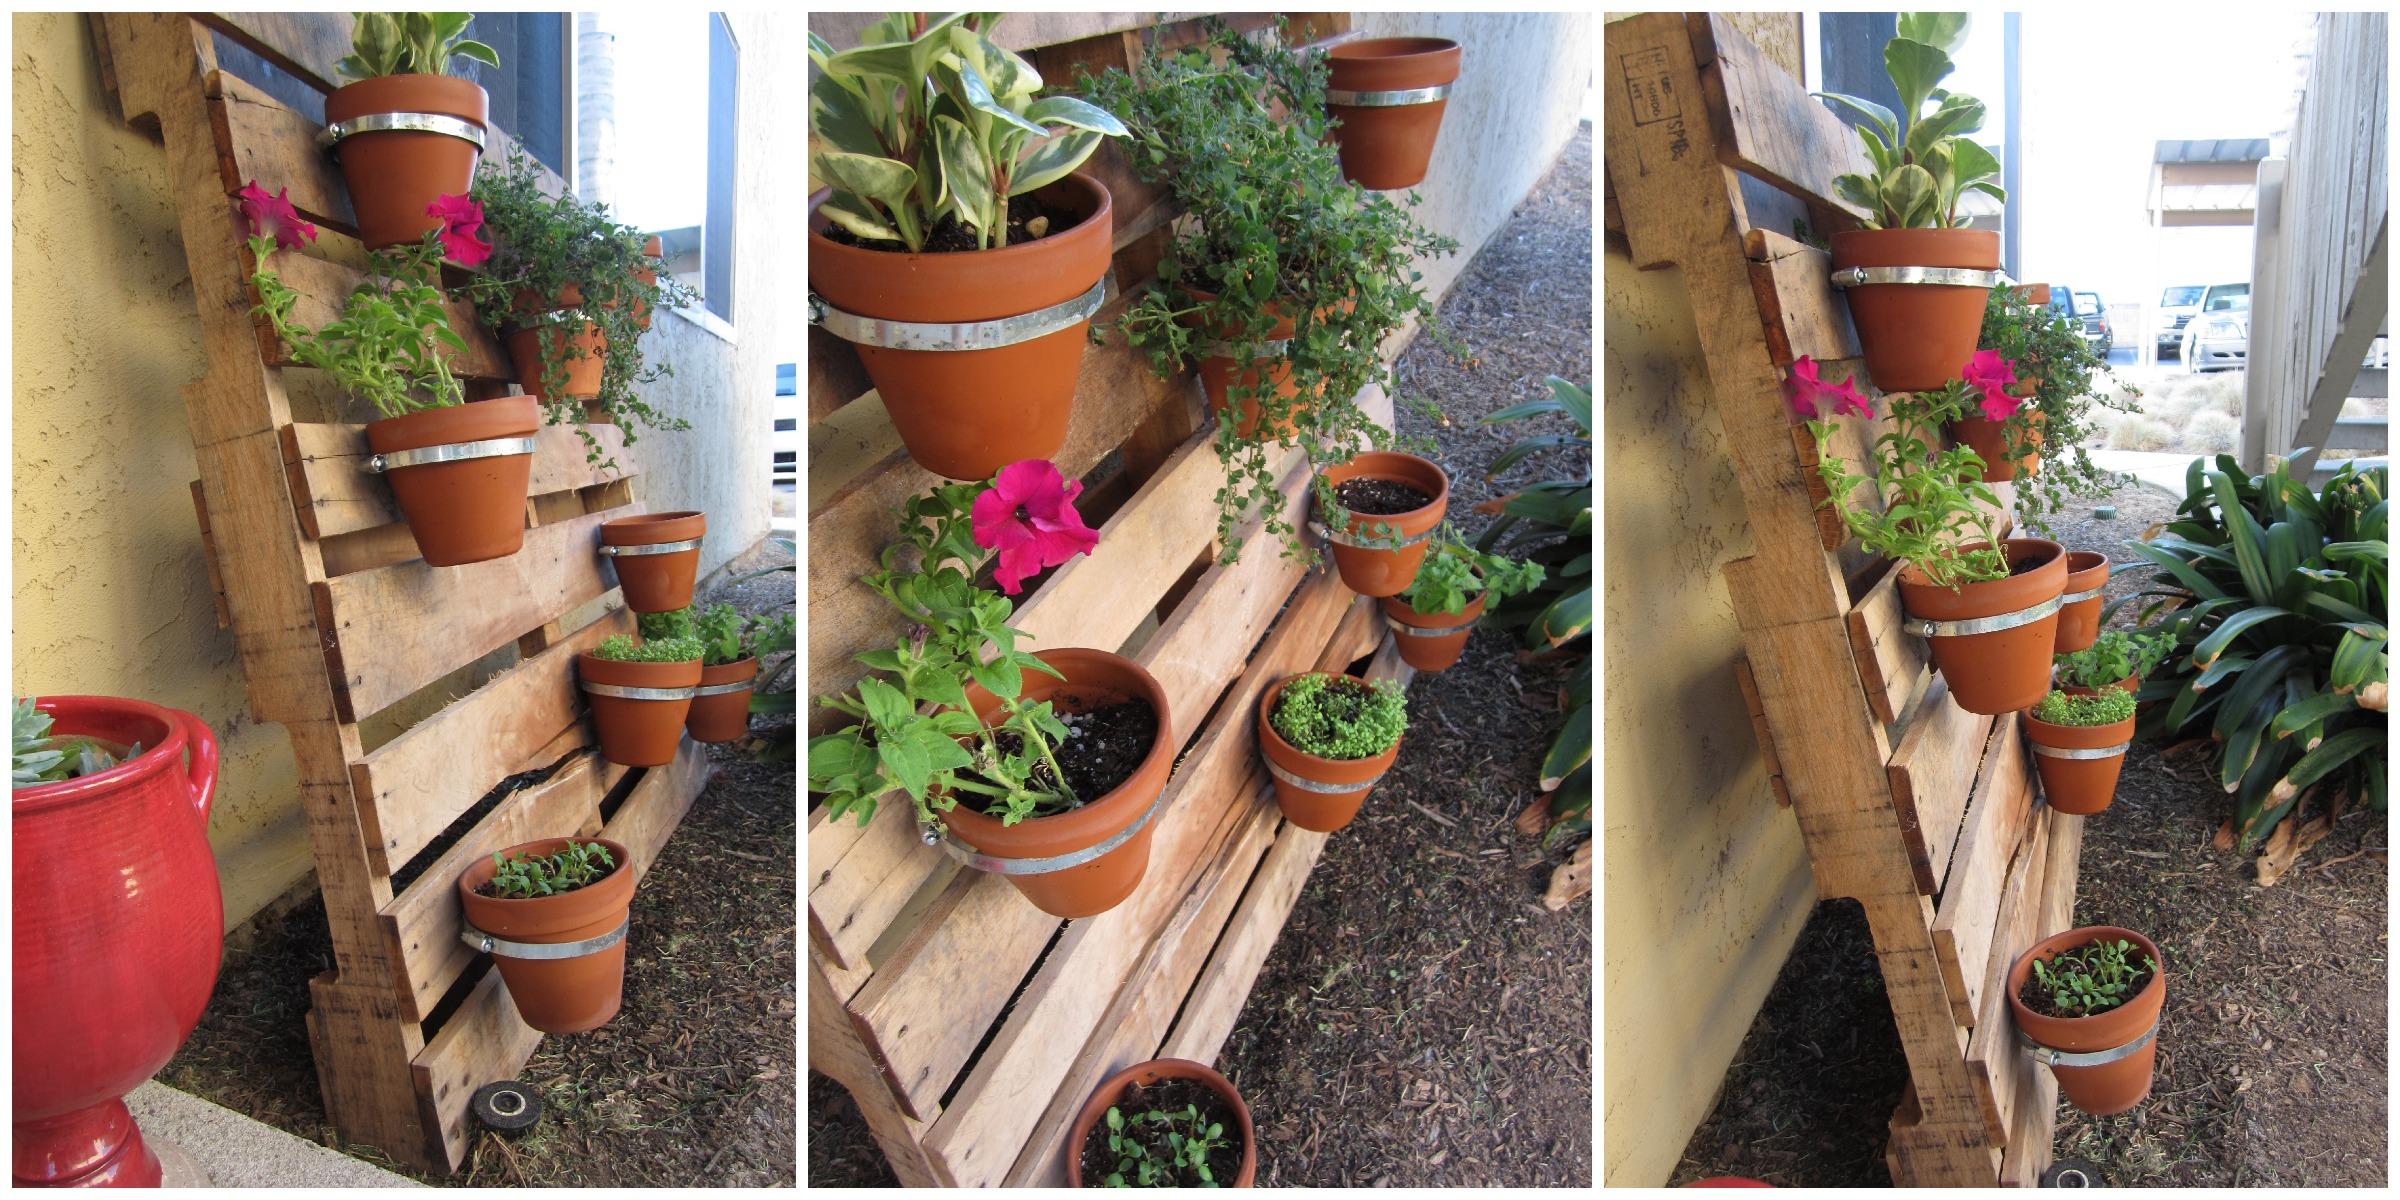 idée comment faire une jardiniere palette, des serre tuyaux fixées sur un mur en palette de bois, planches, planter des fleurs, pétunias